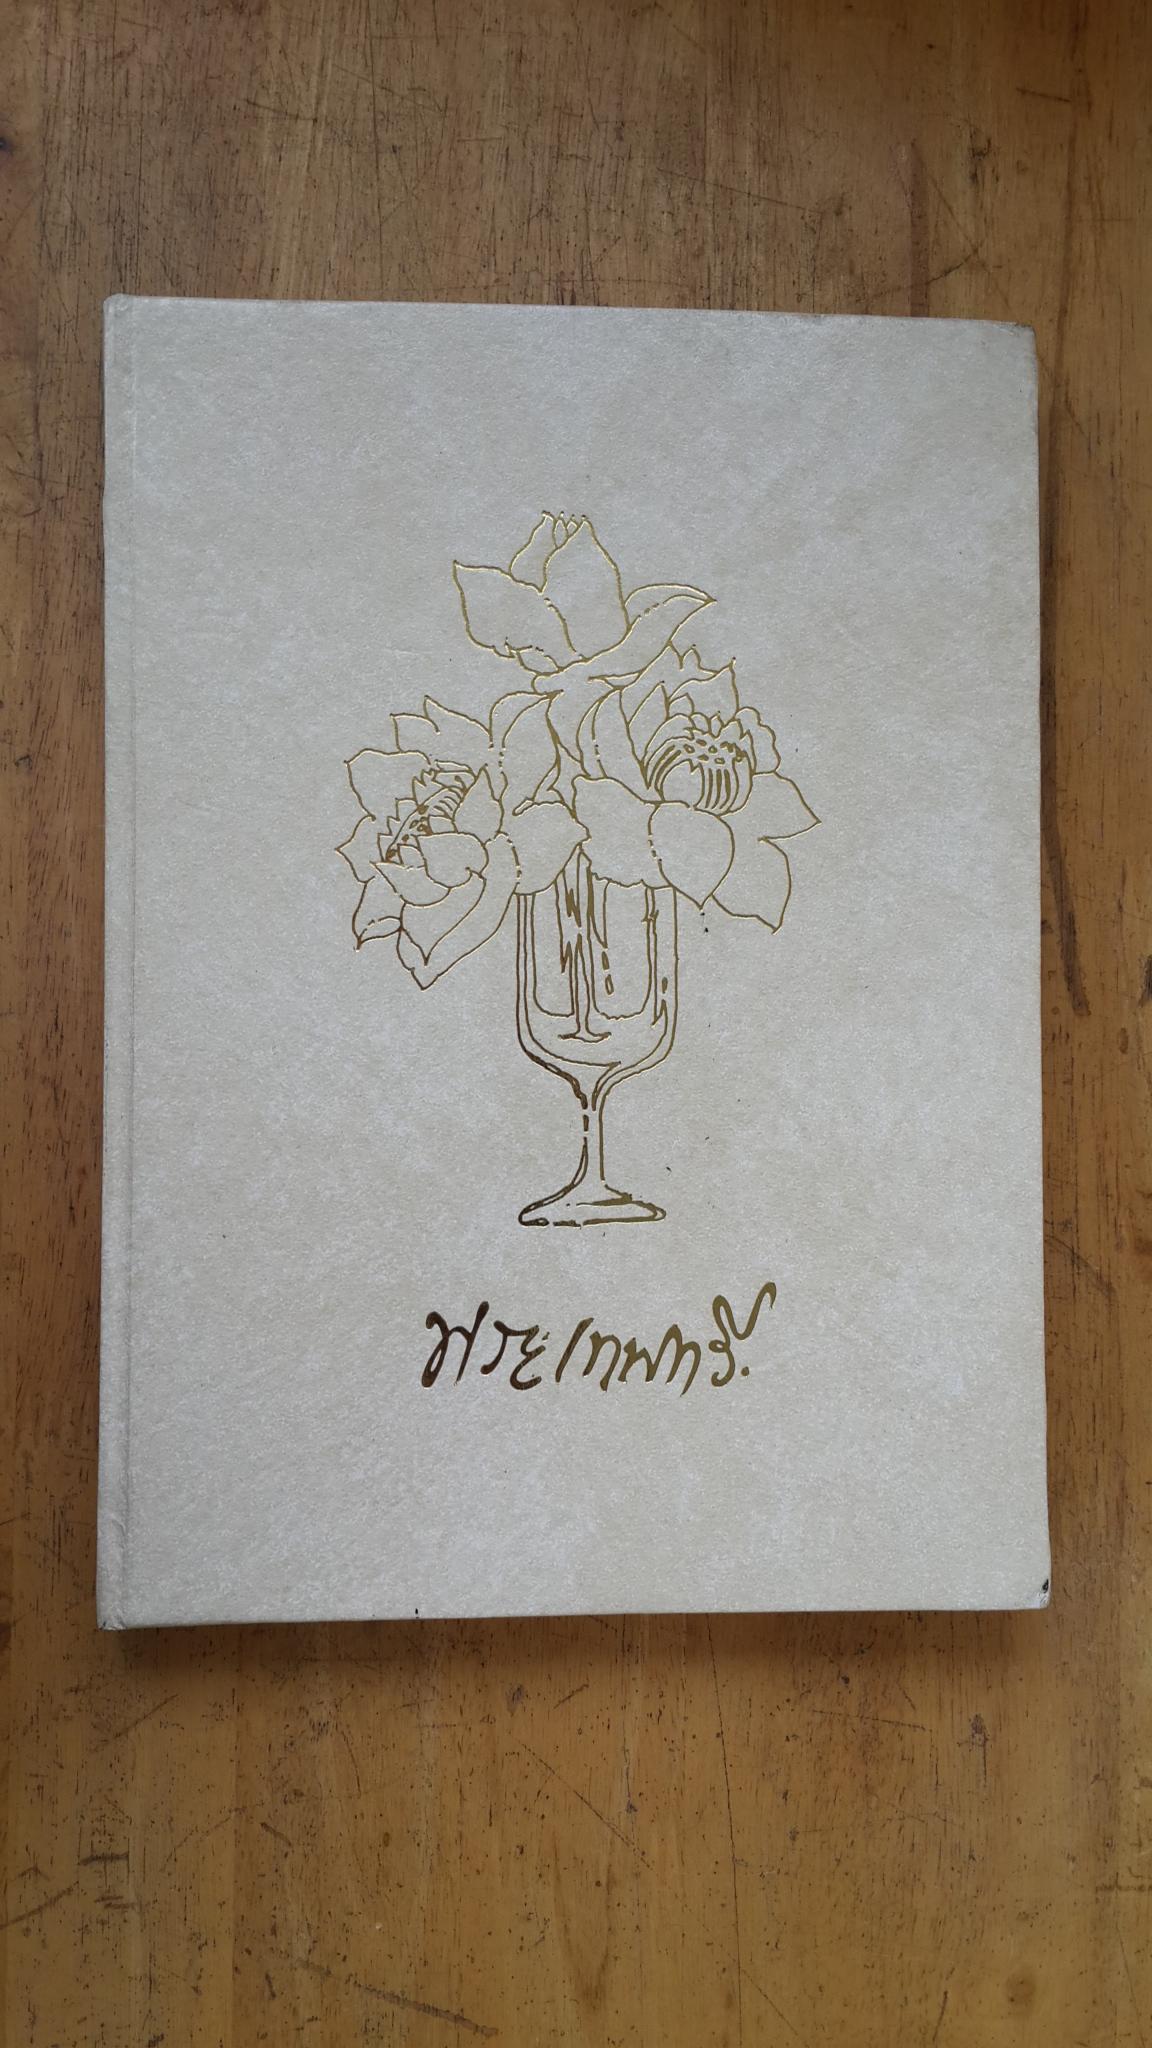 อนุสรณ์ โดยเสด็จพระราชกุศลออกเมรุศพ พระเทพกวี ( บุญธรรม จิณฺณธมฺโม )